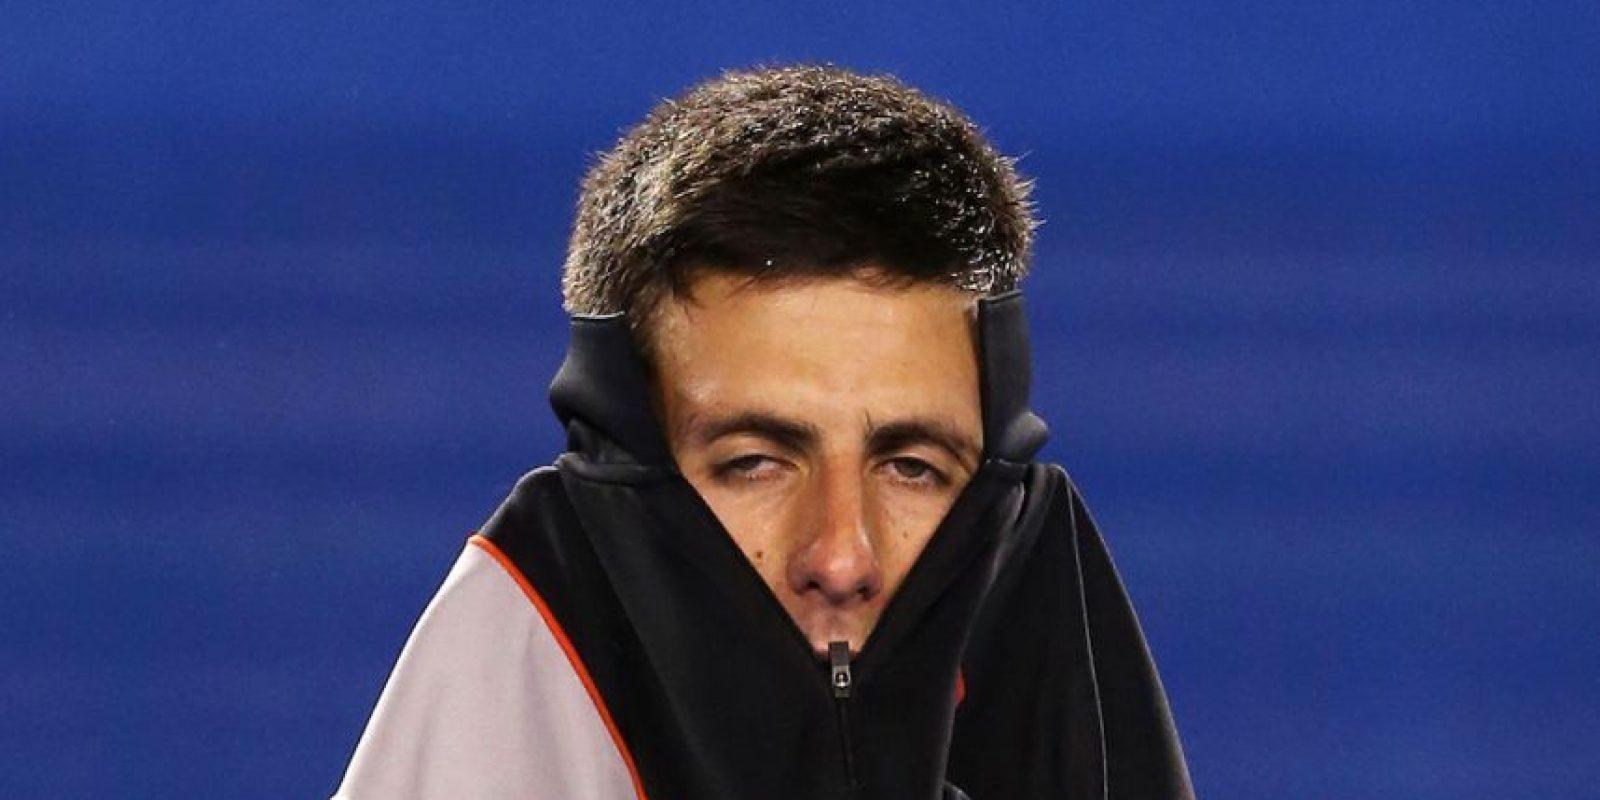 No sólo por ser número 1 en el ranking de la ATP, sino por su personalidad tan extrovertida que lo hace un consentido para el público. Aquí les presentamos algunas curiosidades sobre el campeón del US Open 2015. Foto:Getty Images